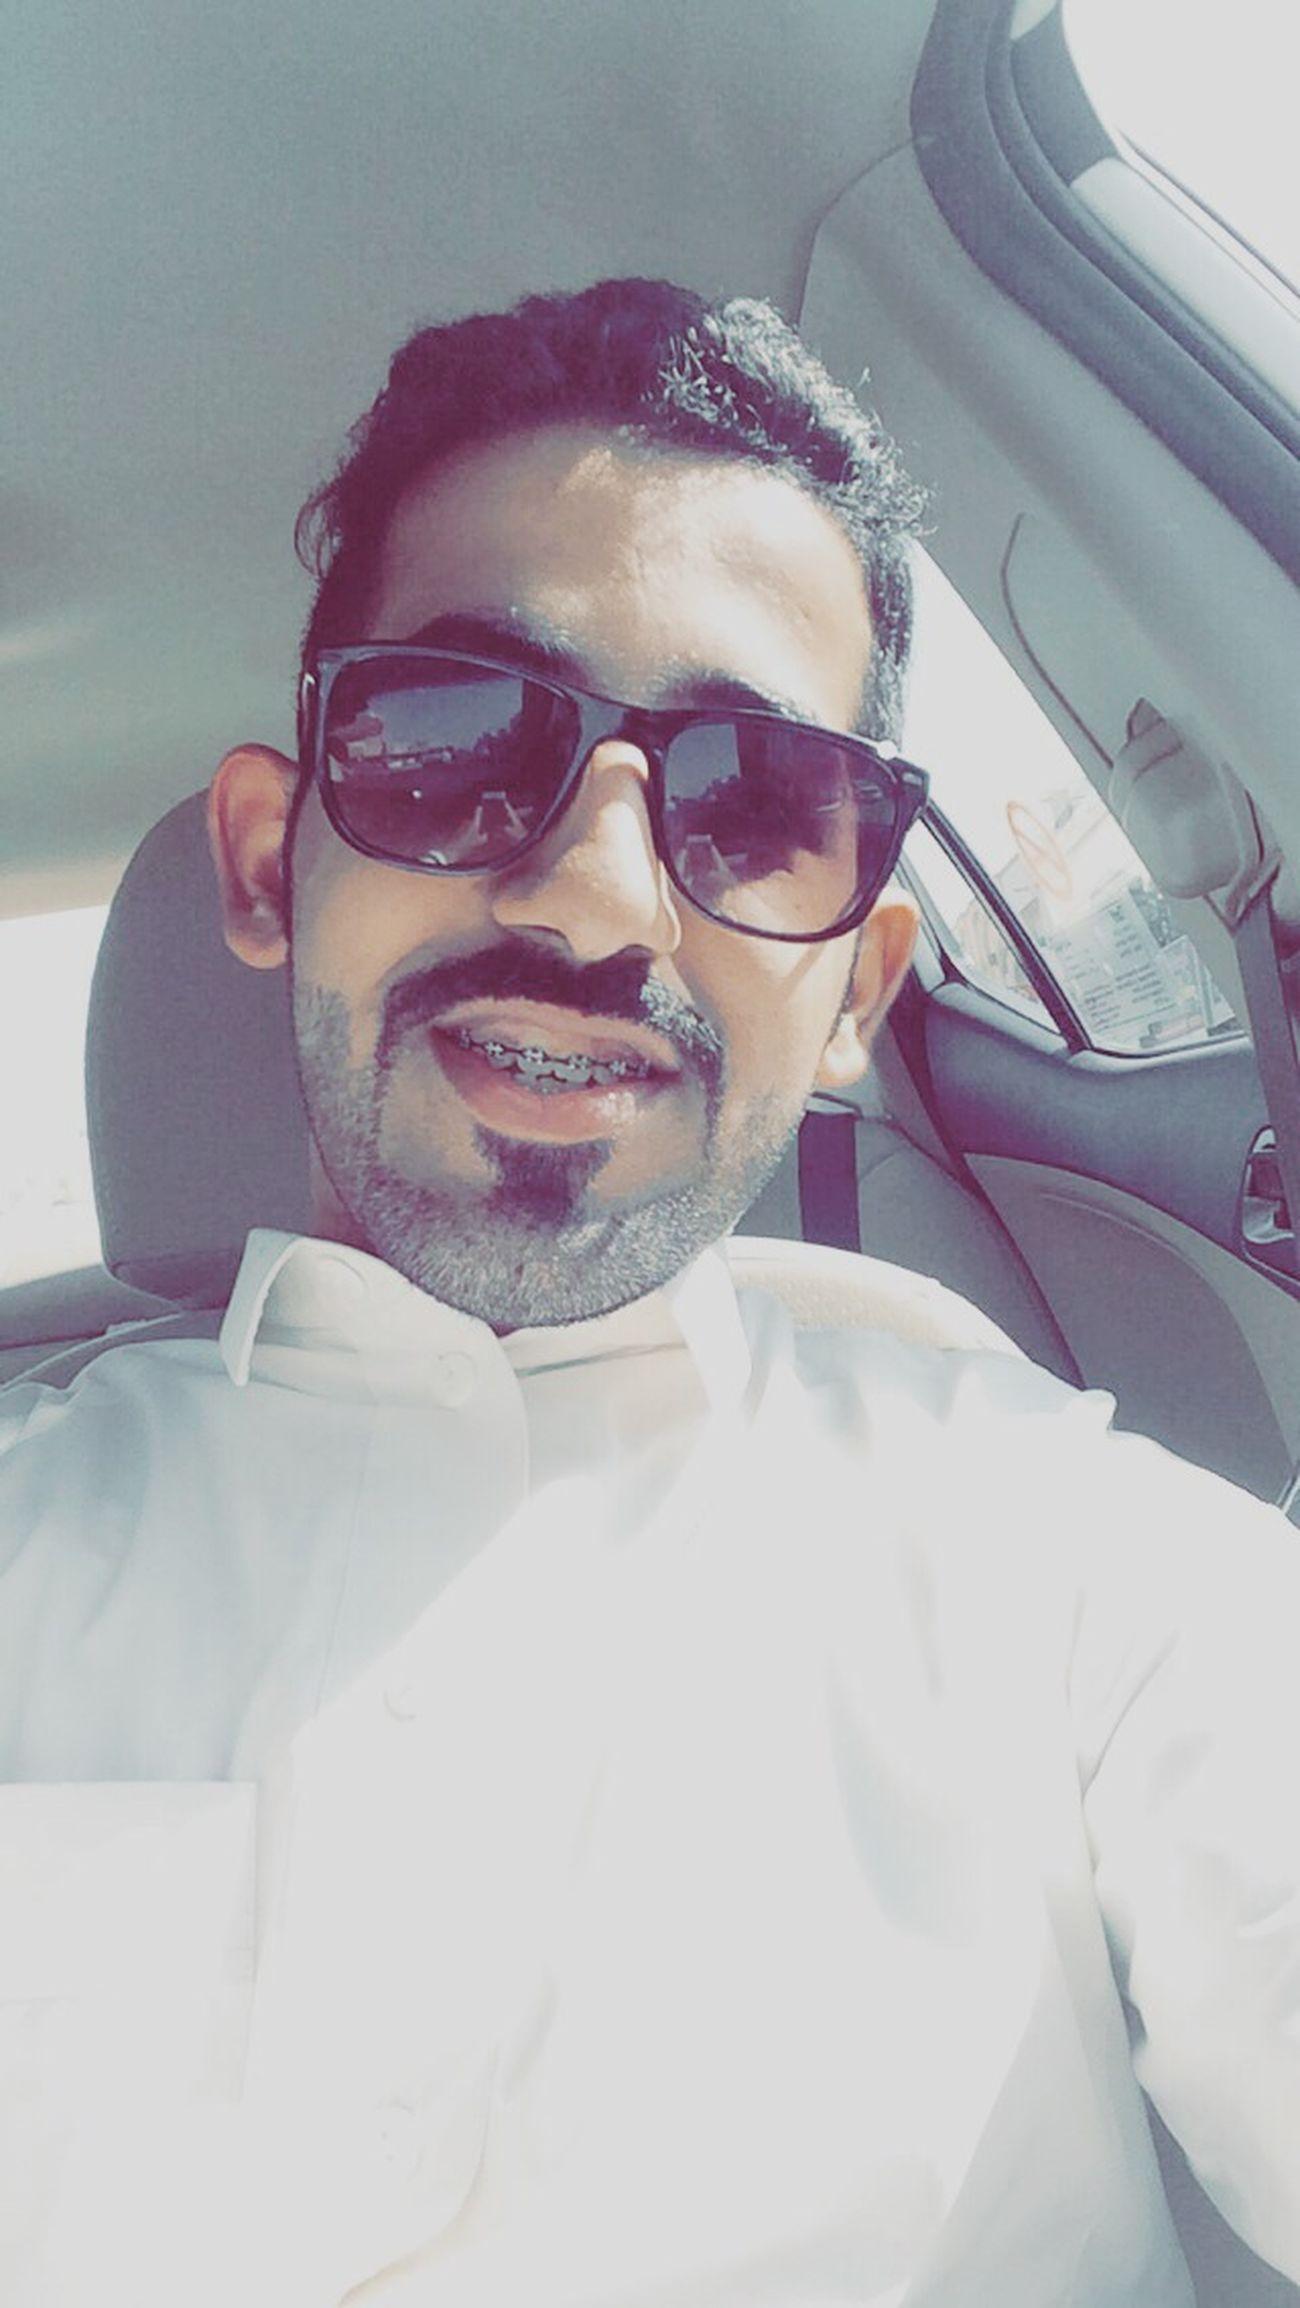 مساء_الخير Jeddah تصويري  مساءكم جميل وويكند اجمل باذن الله ??❤️